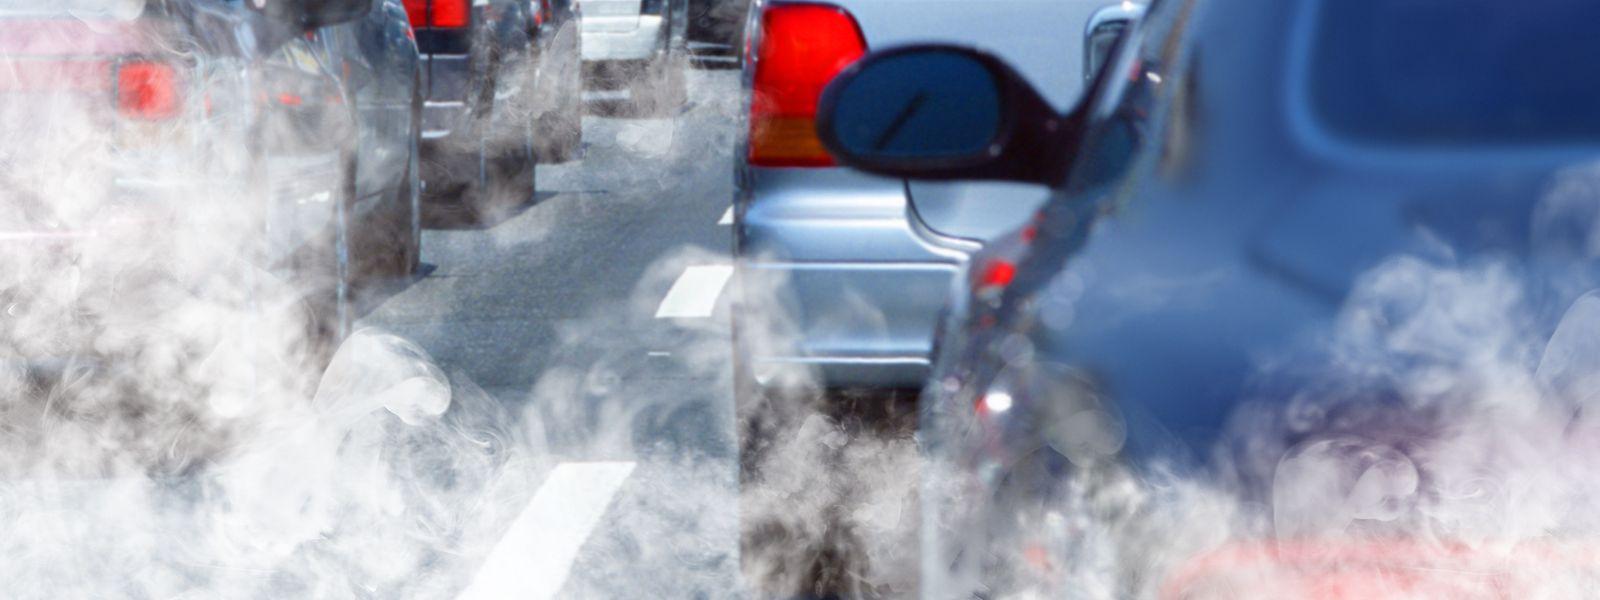 L'instauration des nouvelles normes en termes de pollution automobile sera effective au 1er mars 2020.